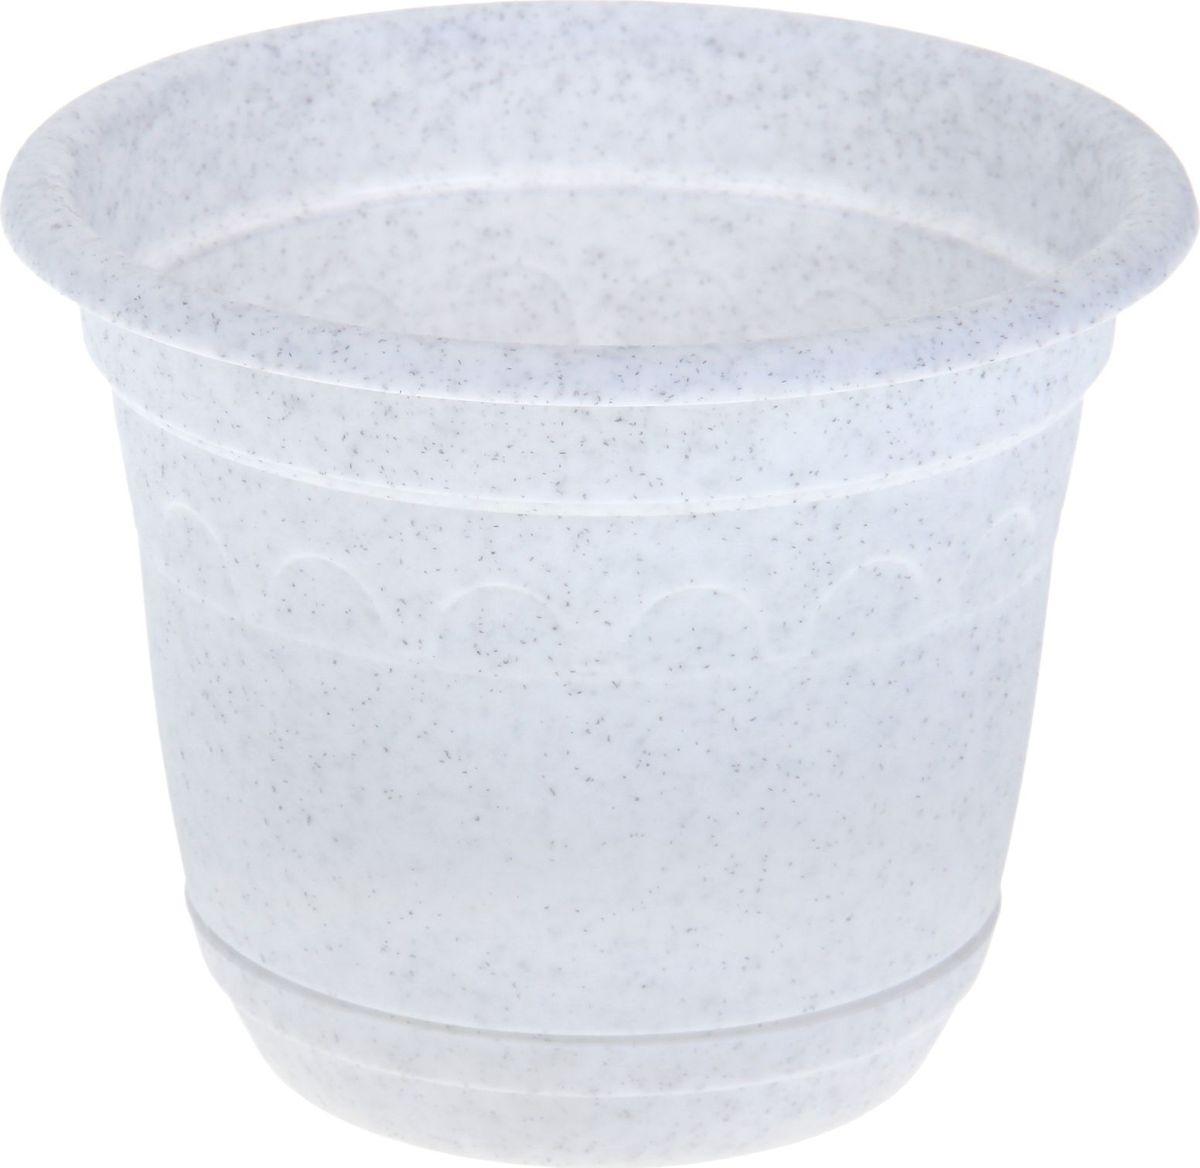 Горшок для цветов Martika Колывань, с поддоном, цвет: мрамор, 0,9 л вазон martika колывань цвет мрамор 8 1 л